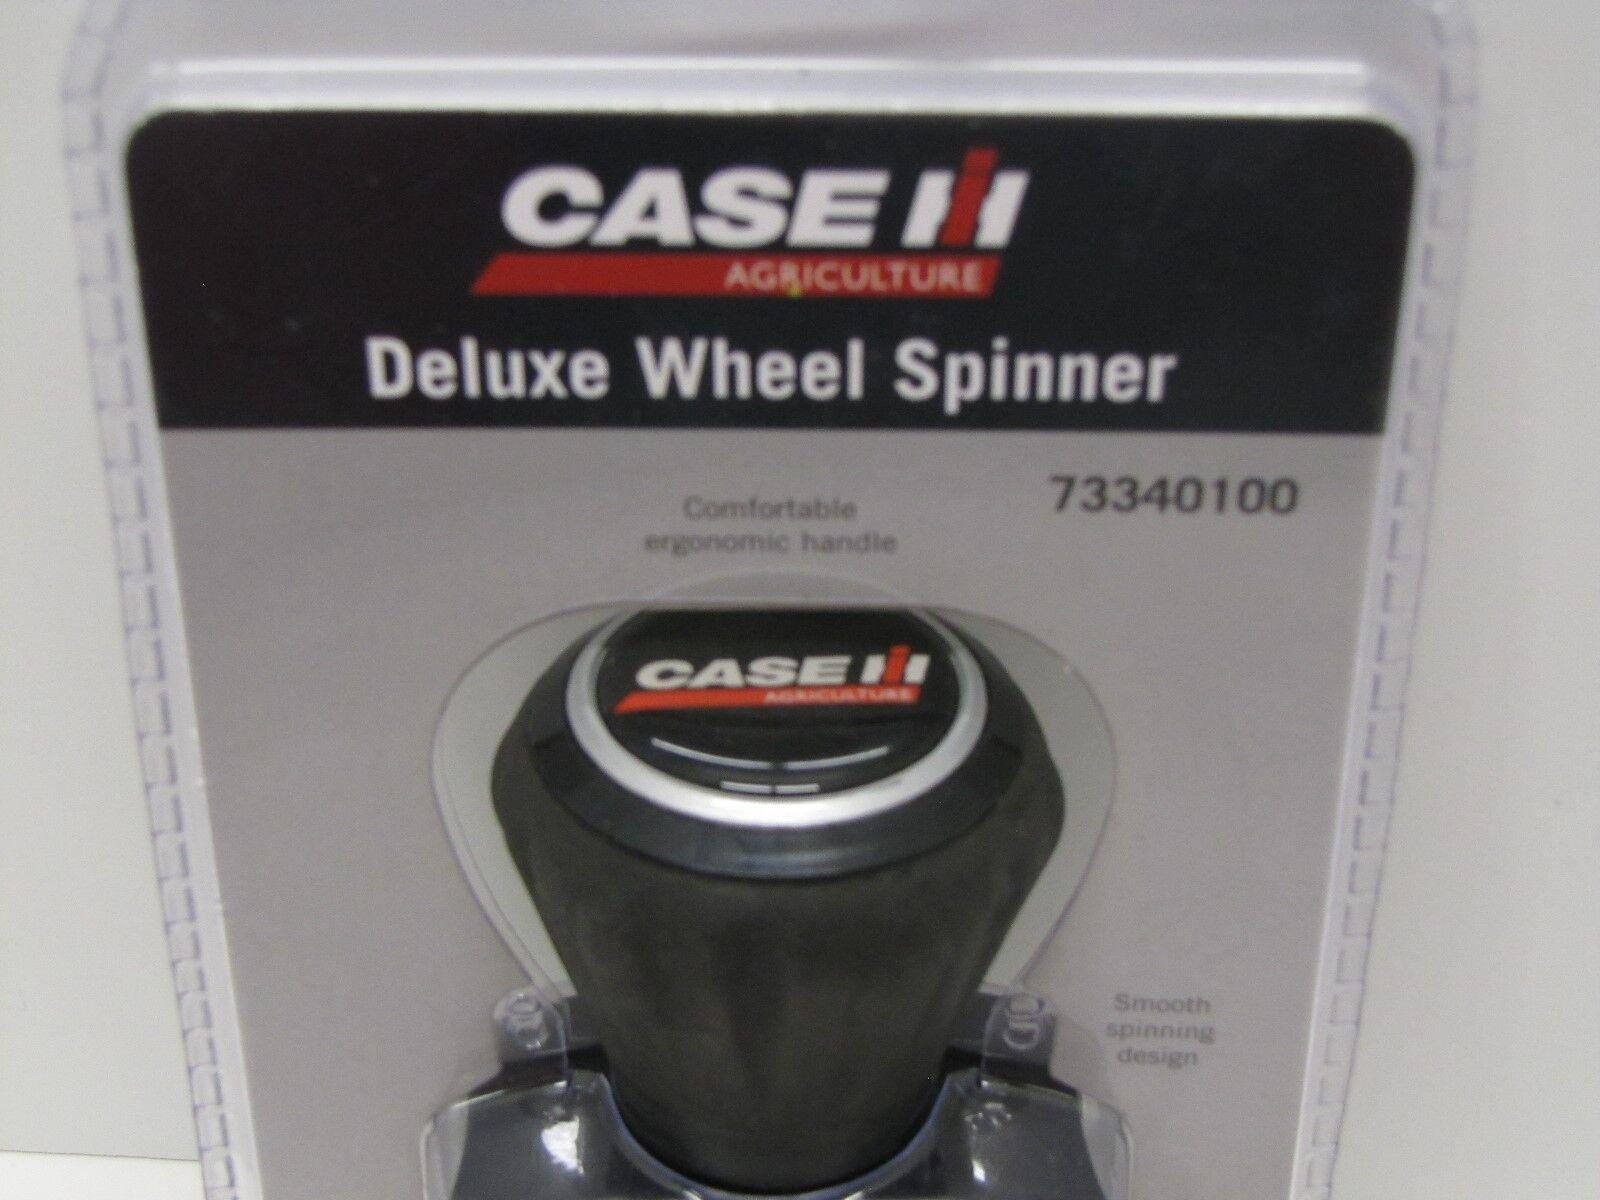 Universal Car Steering Wheel Spinner Perilla de la manija de 360 /° EEEKit Cubierta del Volante con Spinner Antideslizante Impermeable Cubierta Inodoro con bot/ón de Silicona para disminuir el estr/és